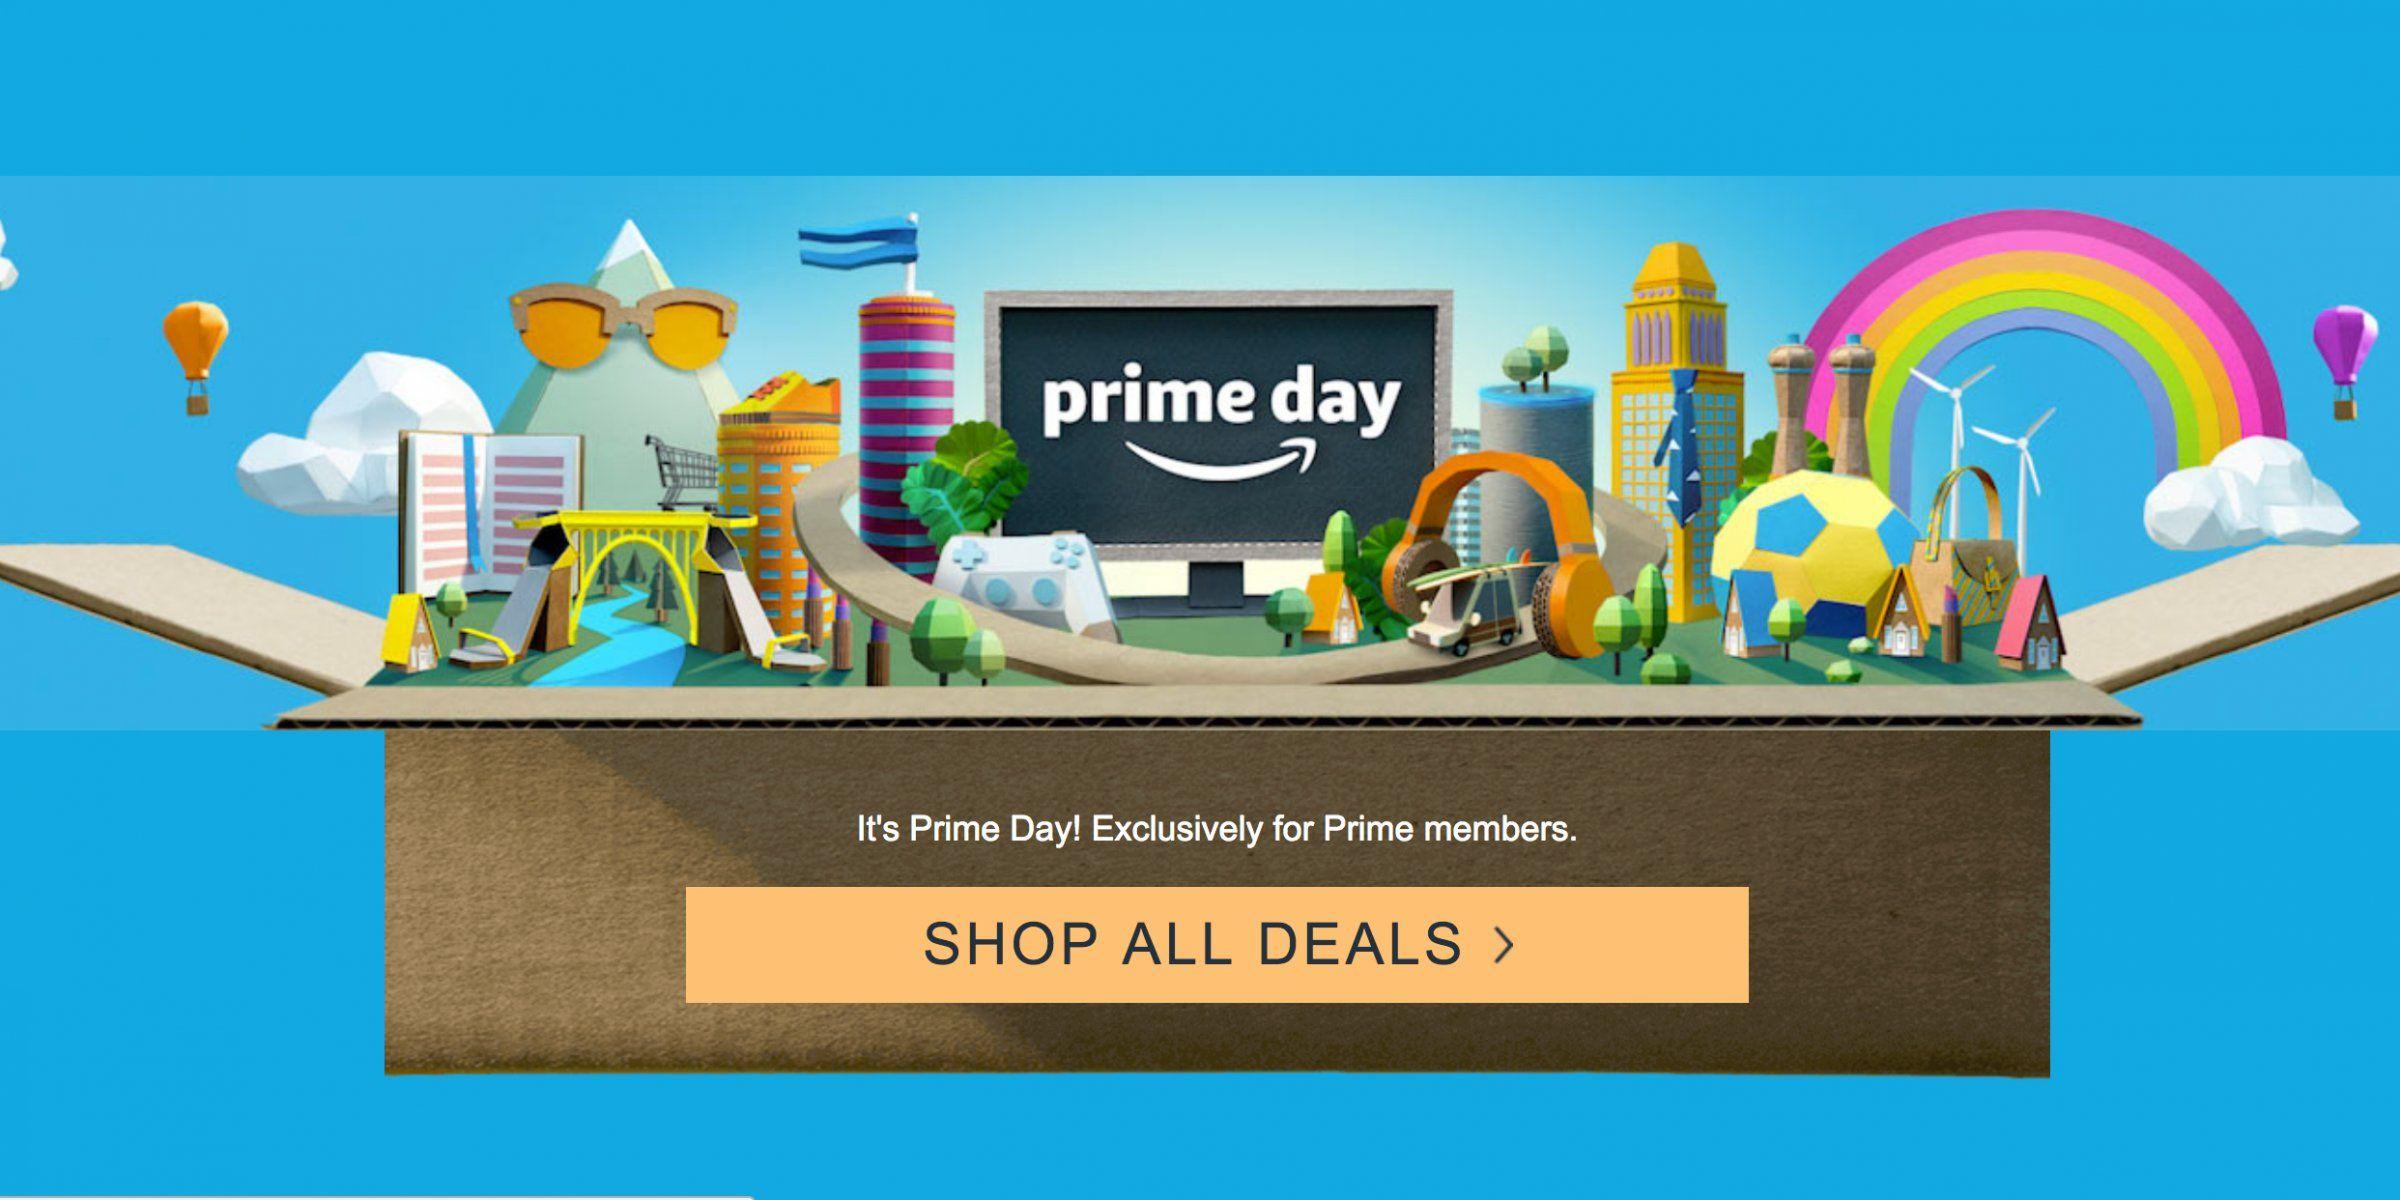 Amazon Down On Prime Day